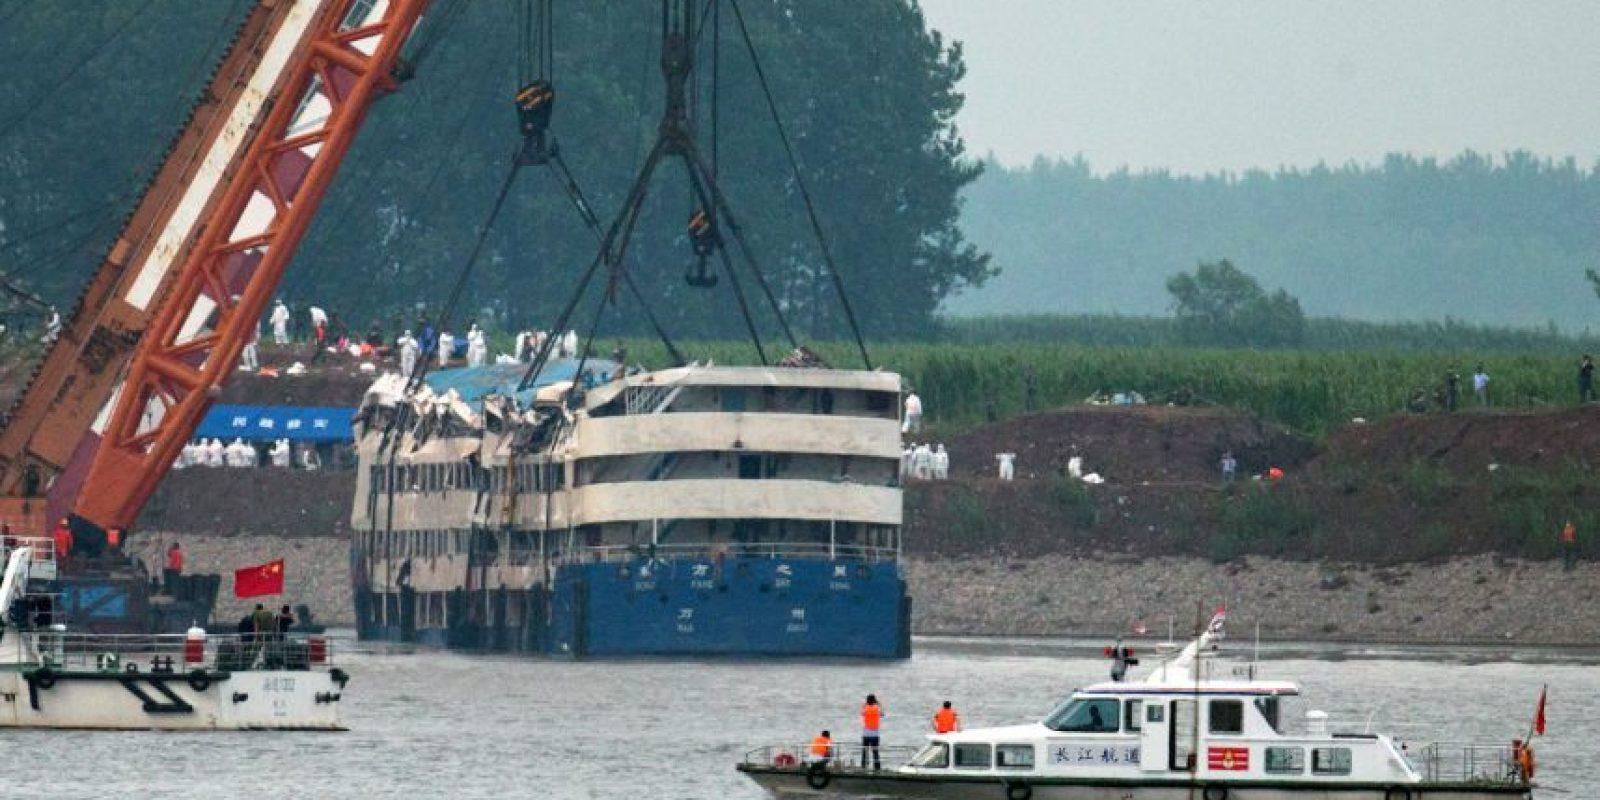 La mayoría de los cuerpos se encontraron cuando se sacó a flote el barco. Foto:AP